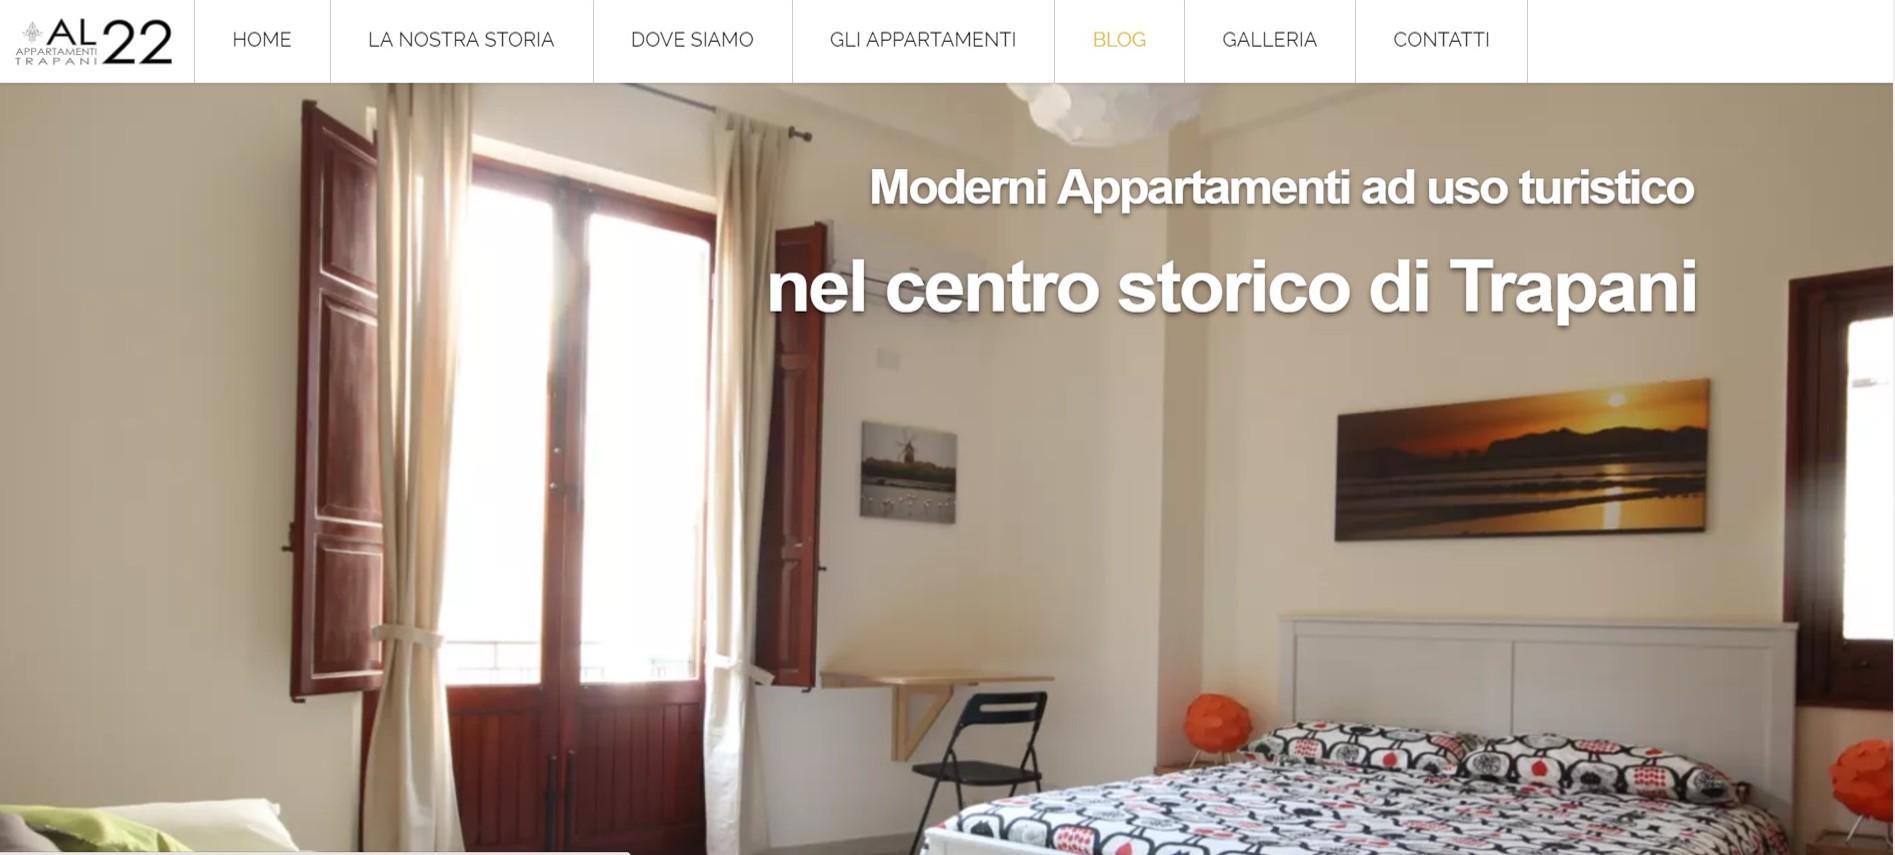 Al 22 Appartamenti